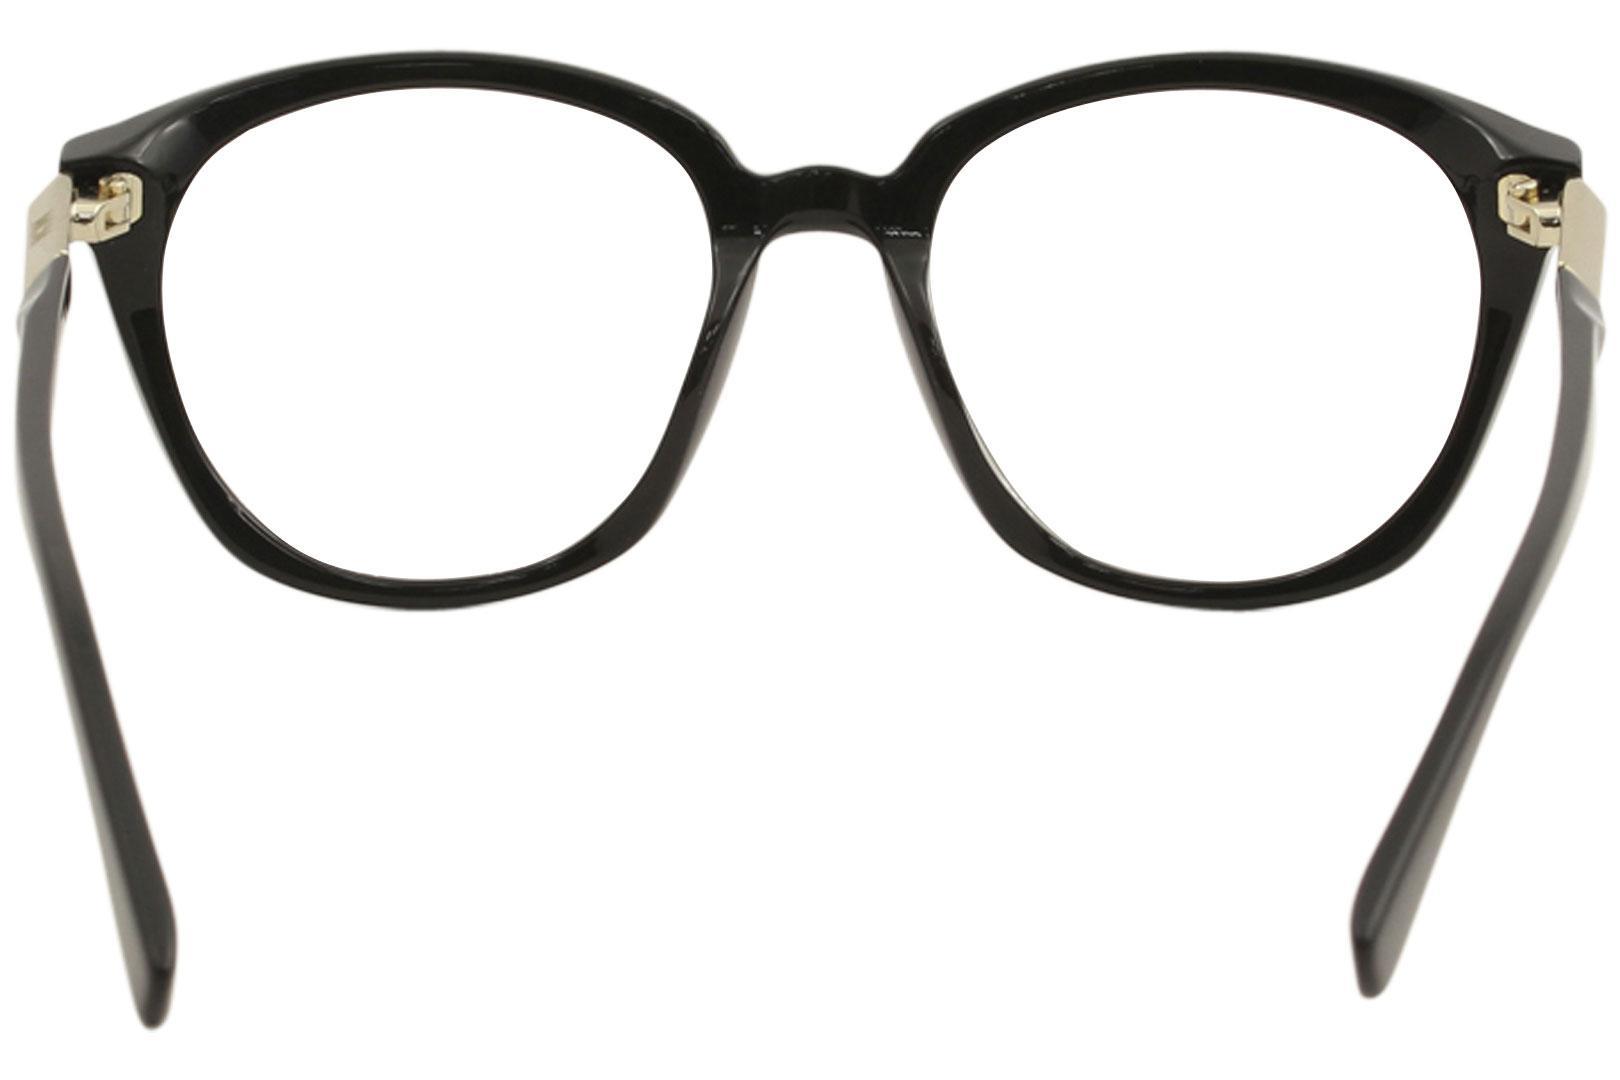 c86d056c551 MCM Women s Eyeglasses 2612 Full Rim Optical Frame by MCM. 12345